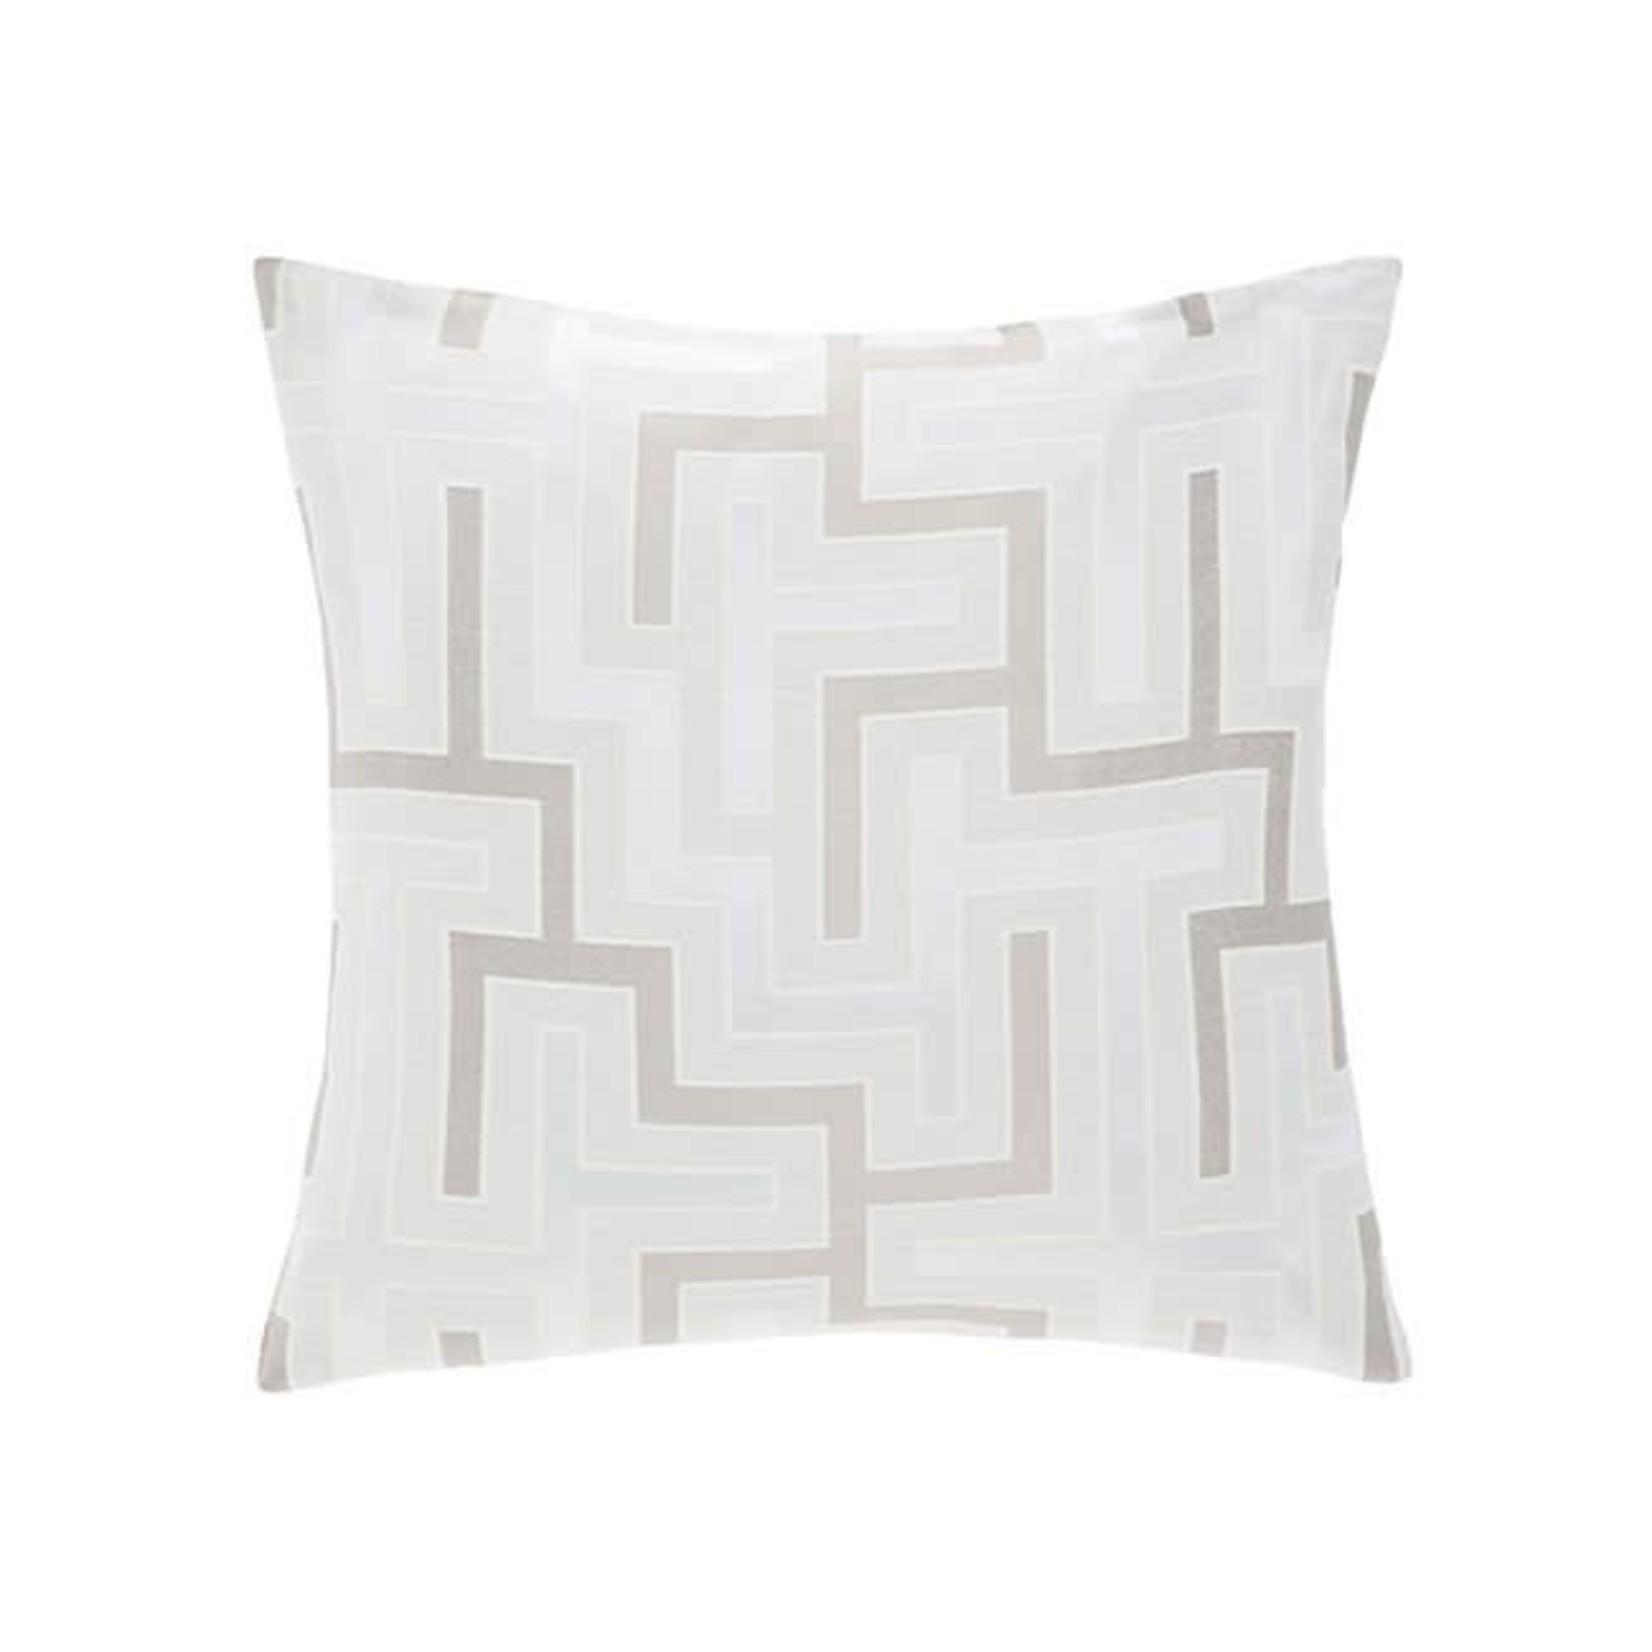 Bellevue Linen 22 inch Square Pillow